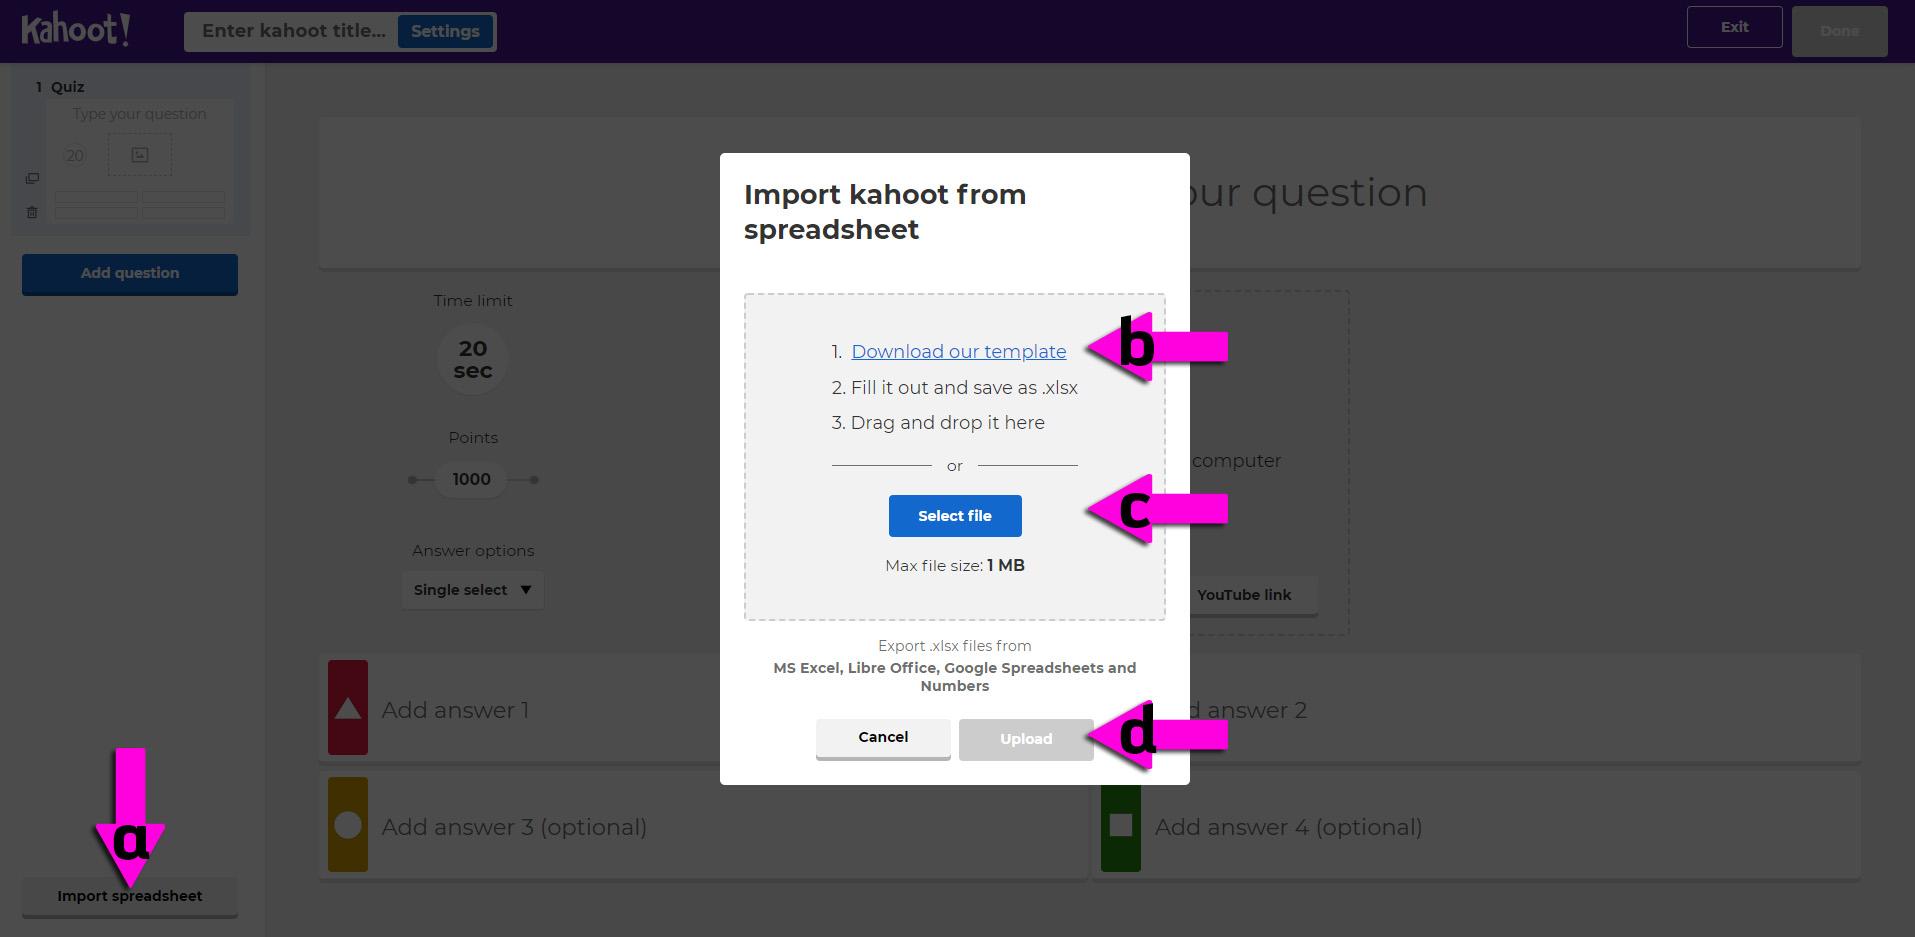 kahoot espanol import carga extensiva instrucciones